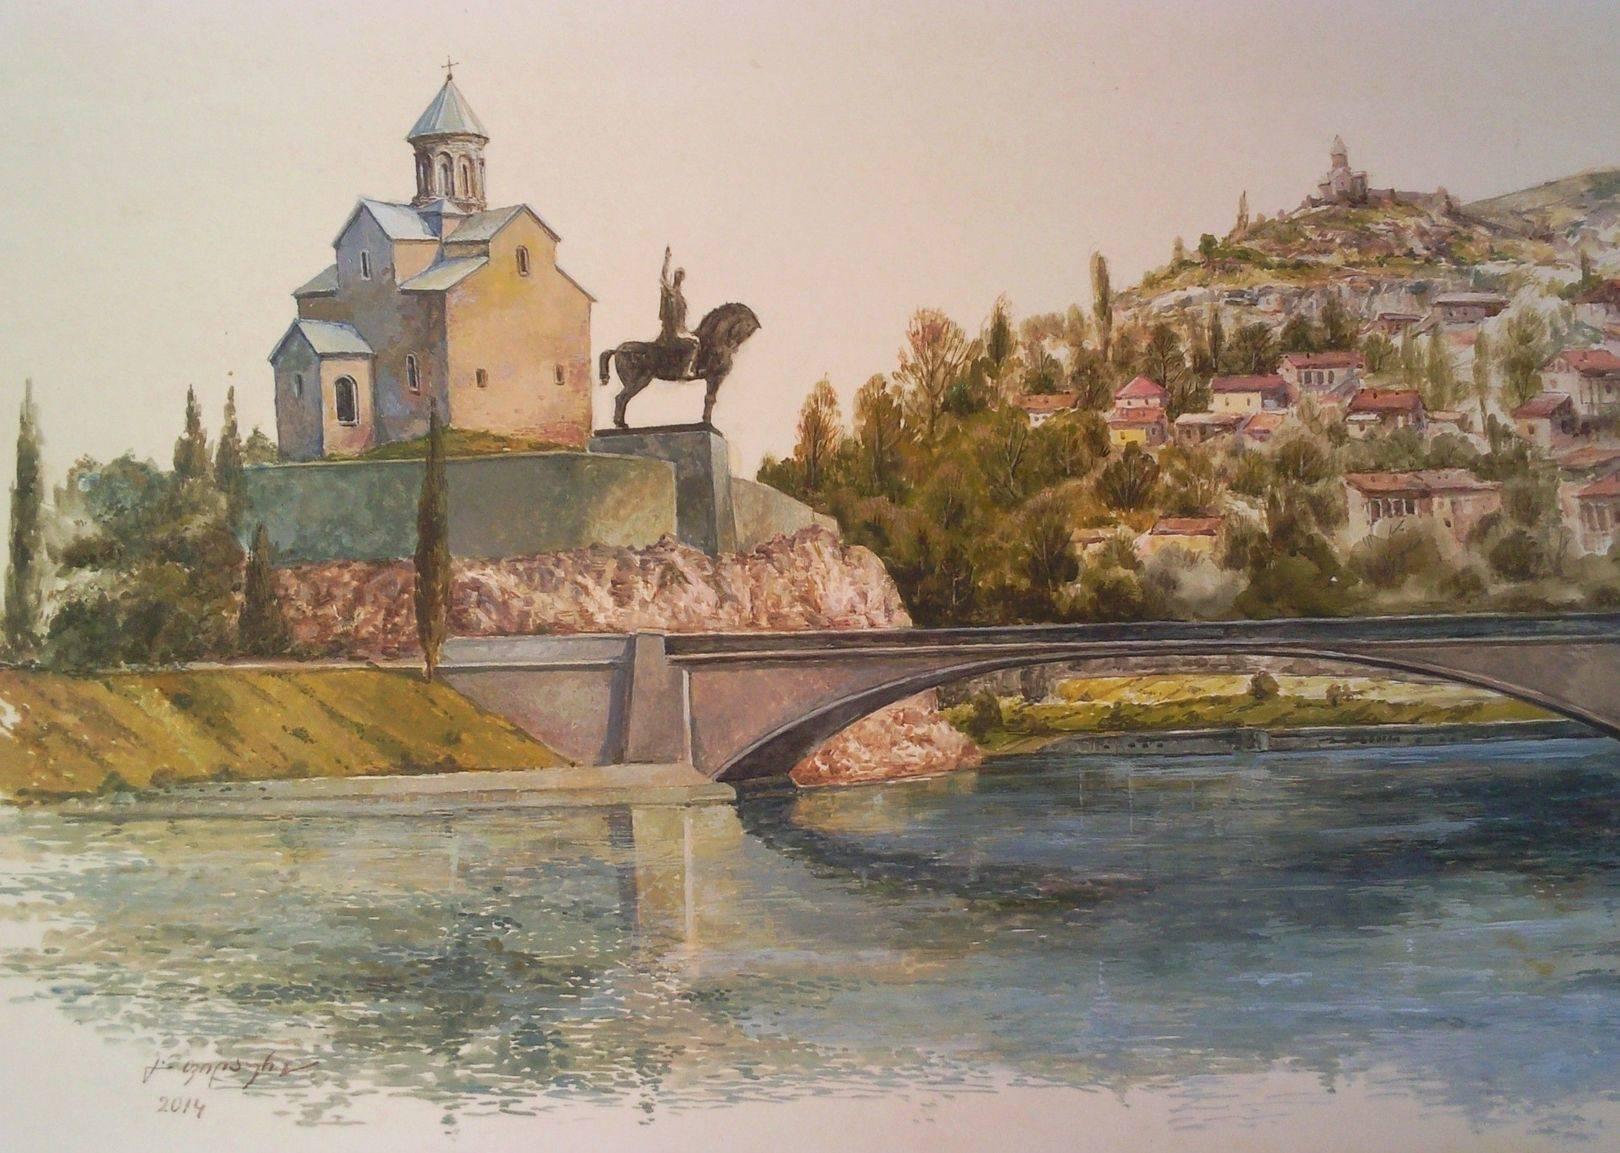 «Тбилиси, Метехи»        бумага, акварель, гуашь «Tbilisi, Metekhi»            paper, aquarelle, gouache           30x50, 2014